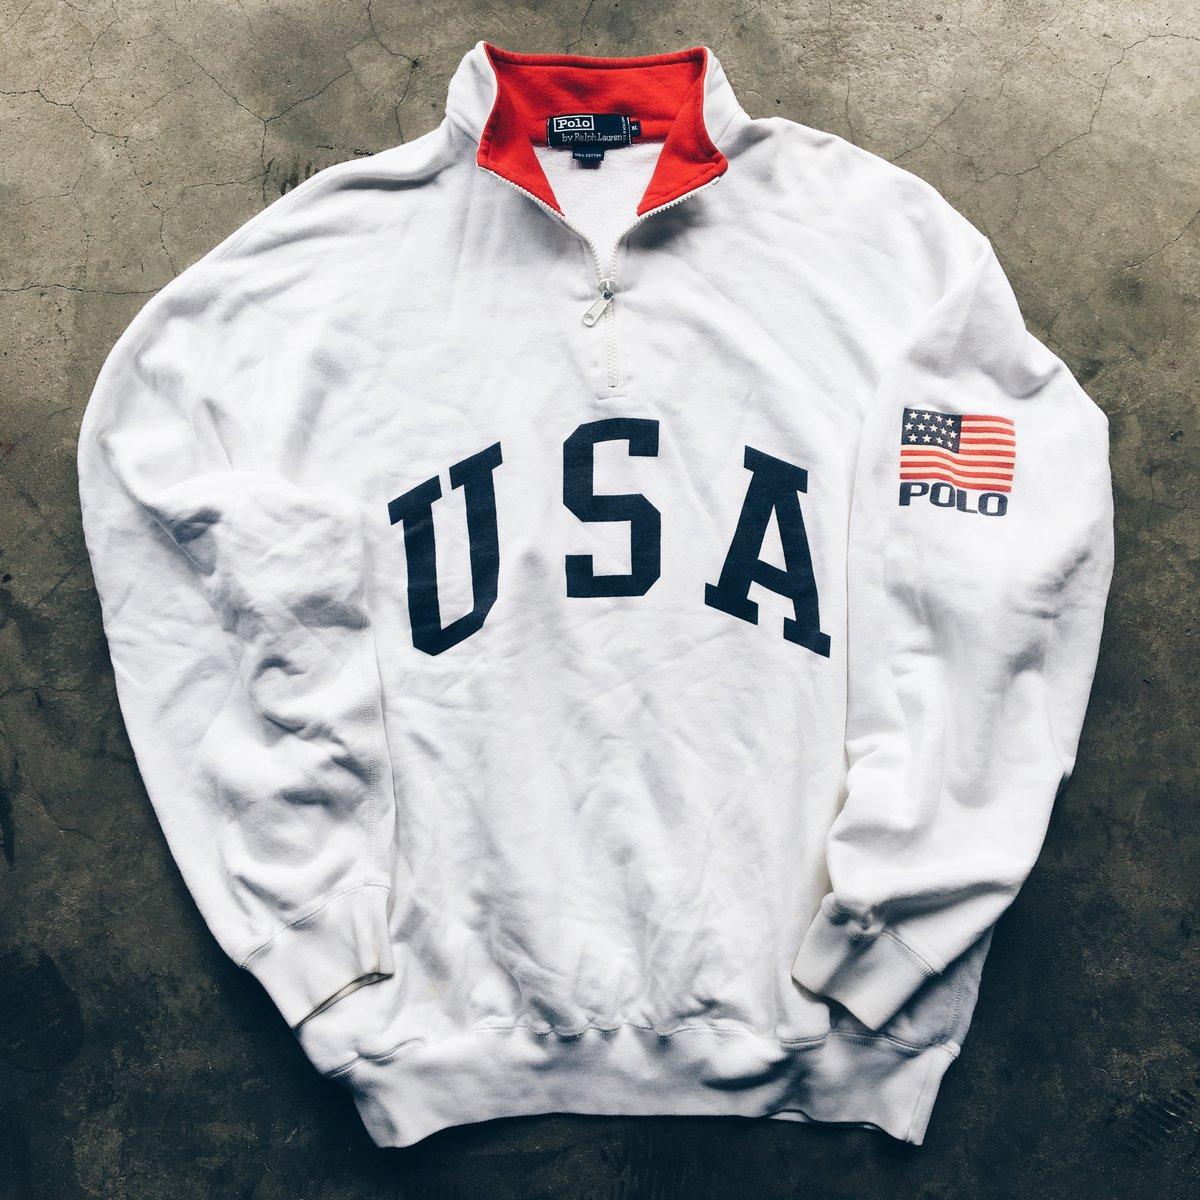 Image of Original 90's Polo Ralph Lauren USA Quarter-Zip Sweatshirt.